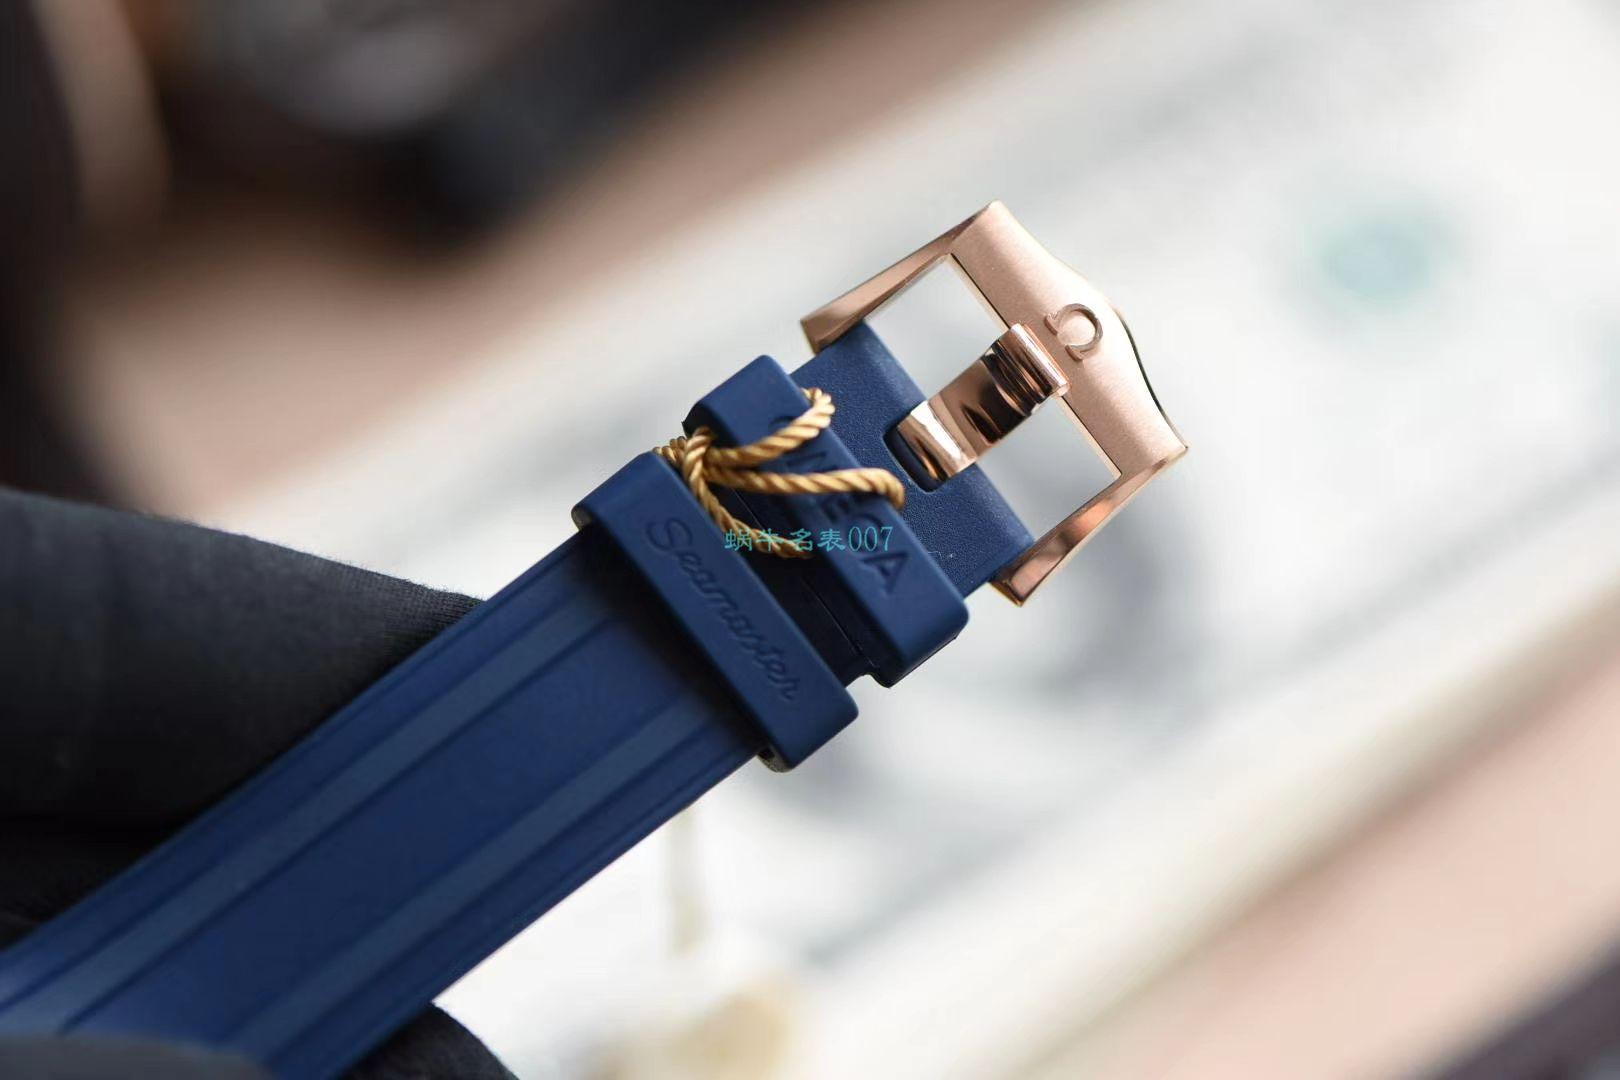 VS厂欧米茄海马300米全玫瑰金蓝盘210.62.42.20.03.001腕表 / M696